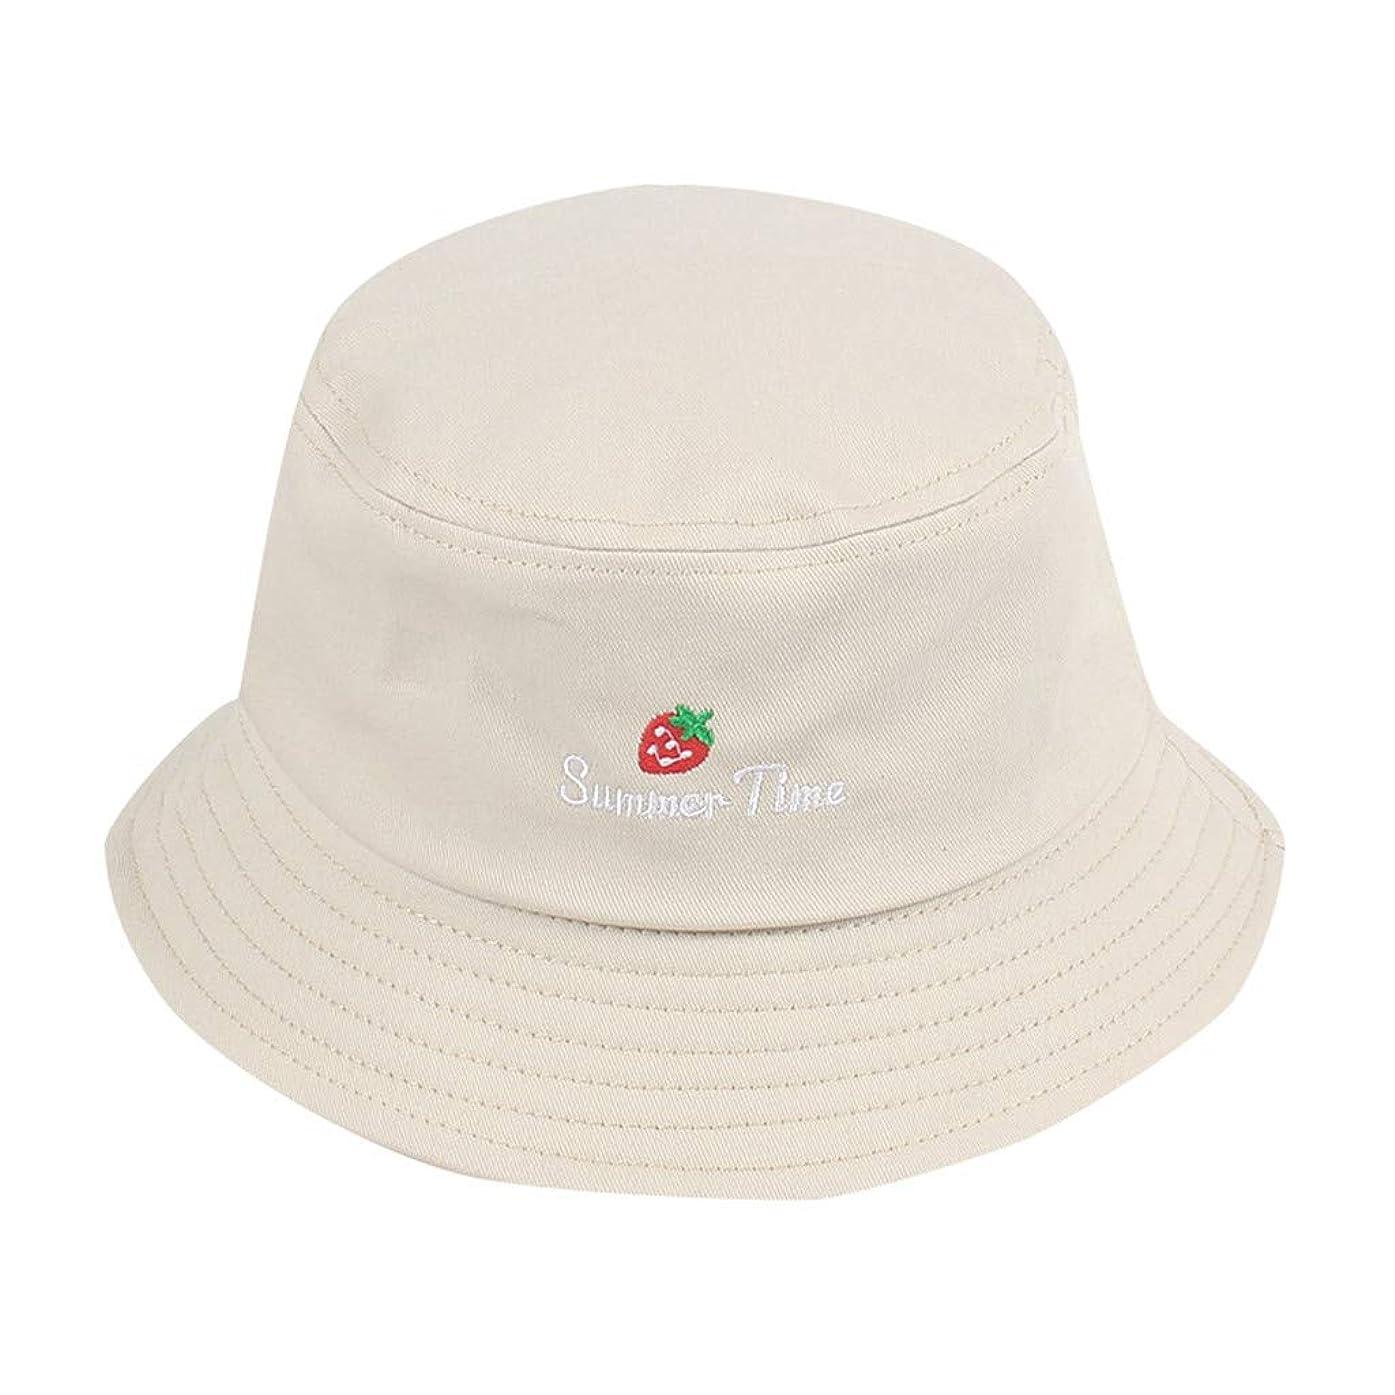 セブン大砲ストラップ帽子 夏 発送 漁師の帽子 レディース ハットラップ 森ガール かわいい 吸汗通気 女優帽 日よけ UVカット 帽子 ハット レディース 棉 日よけ つば広 紫外線対策 小顔効果抜群 刺繍 いちご ROSE ROMAN